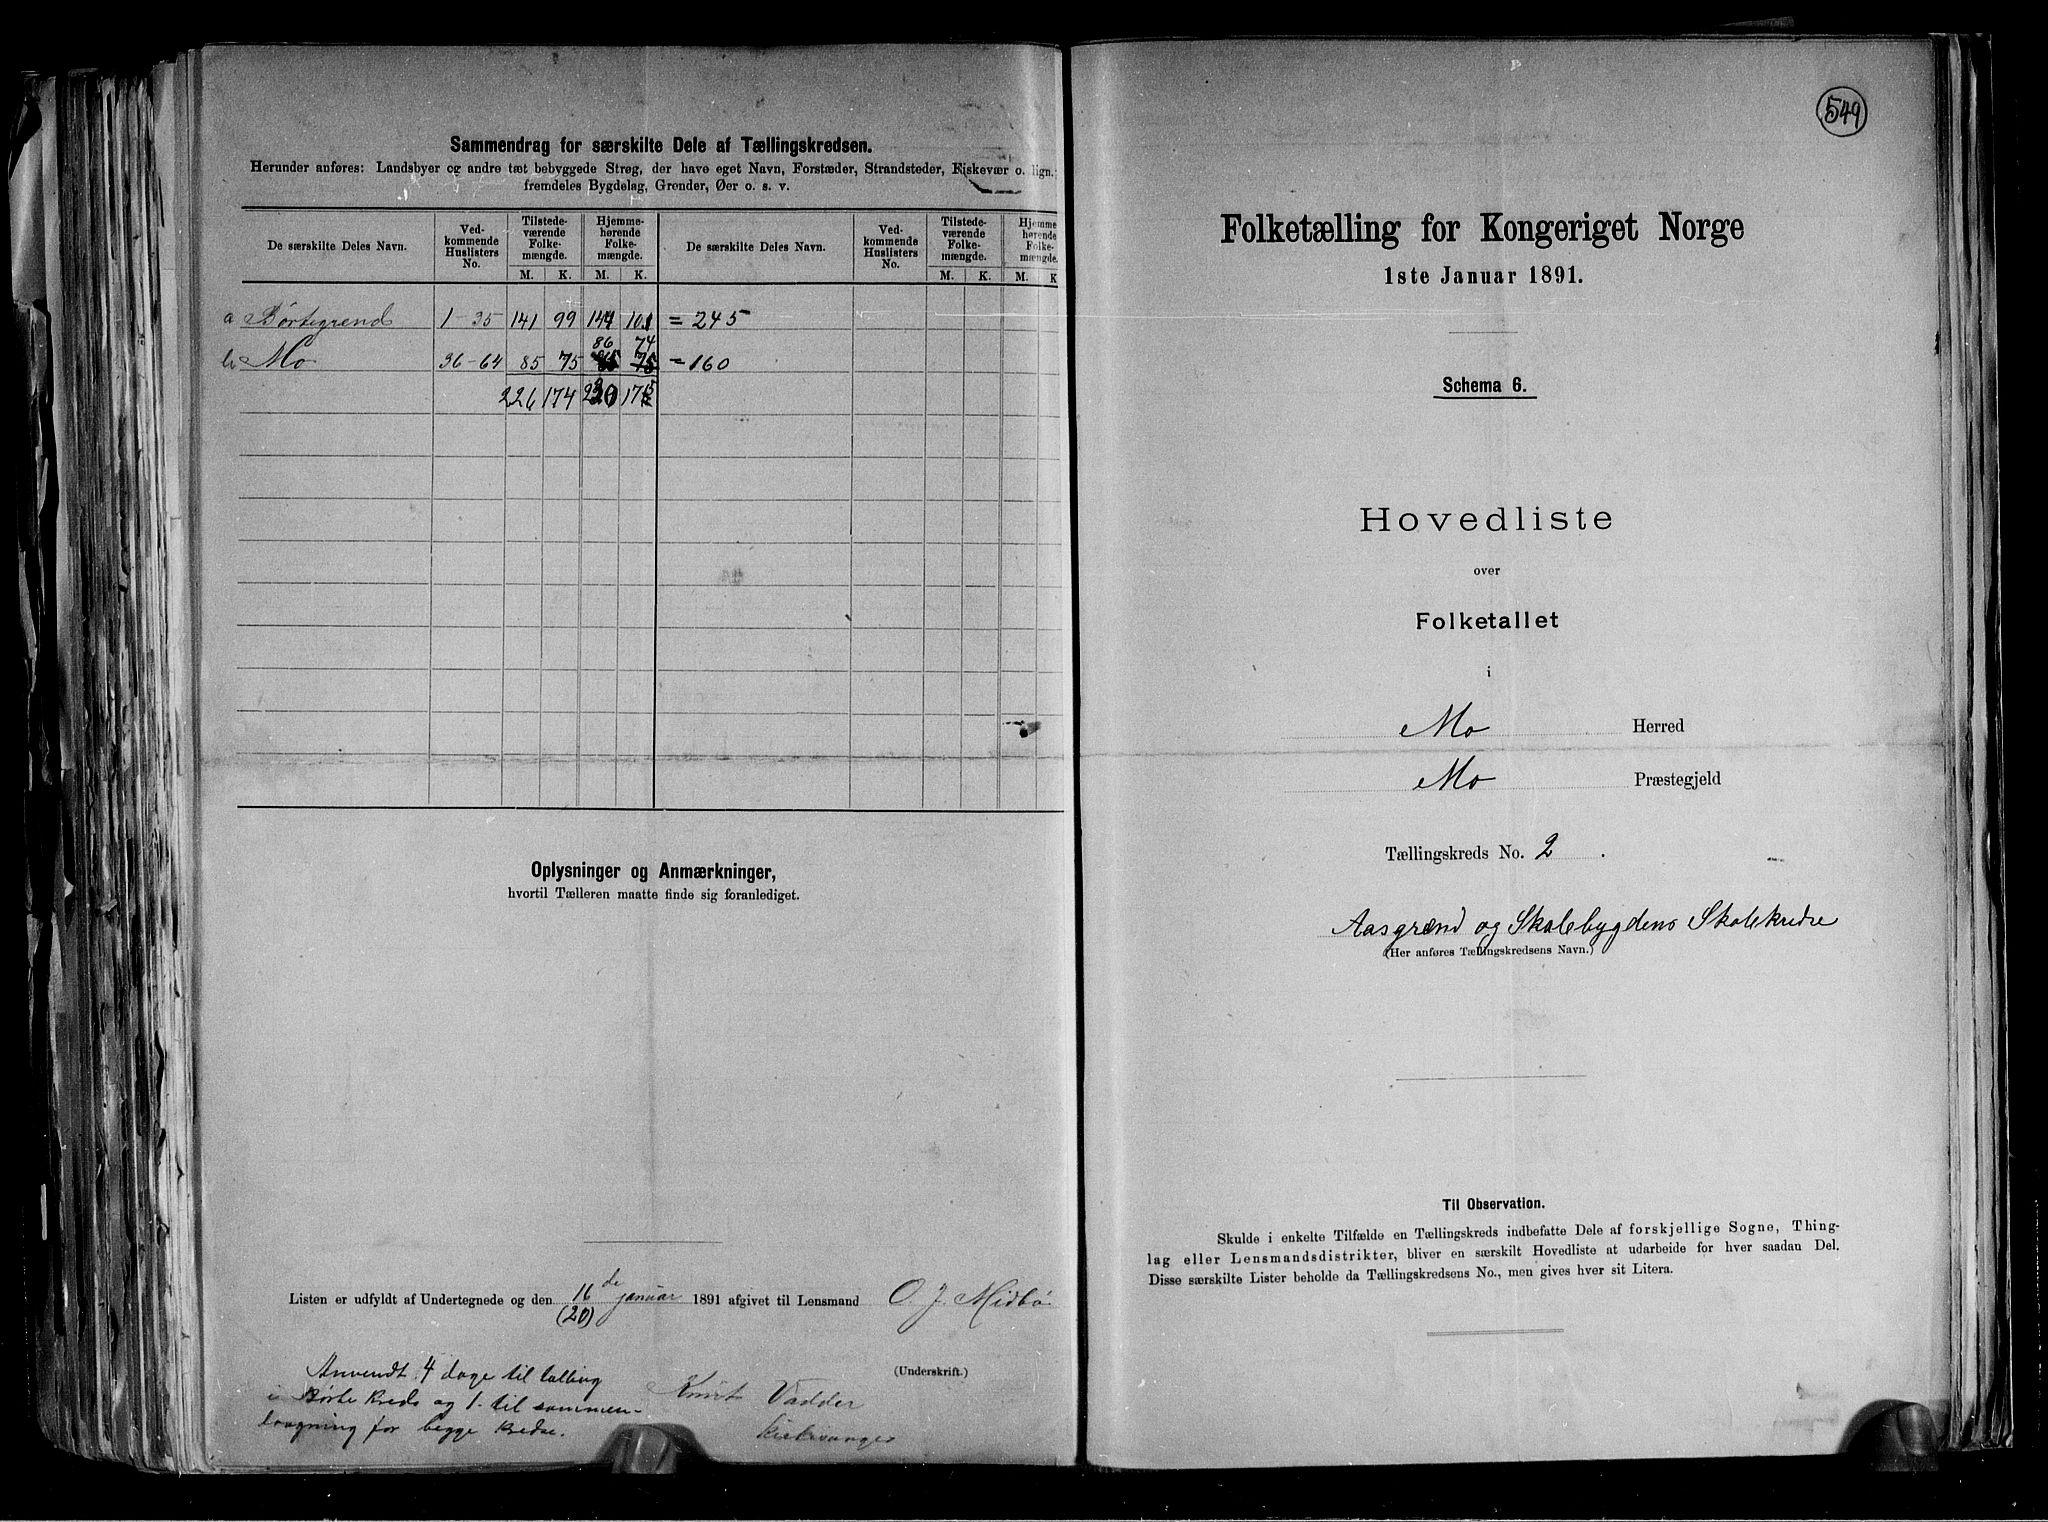 RA, Folketelling 1891 for 0832 Mo herred, 1891, s. 7